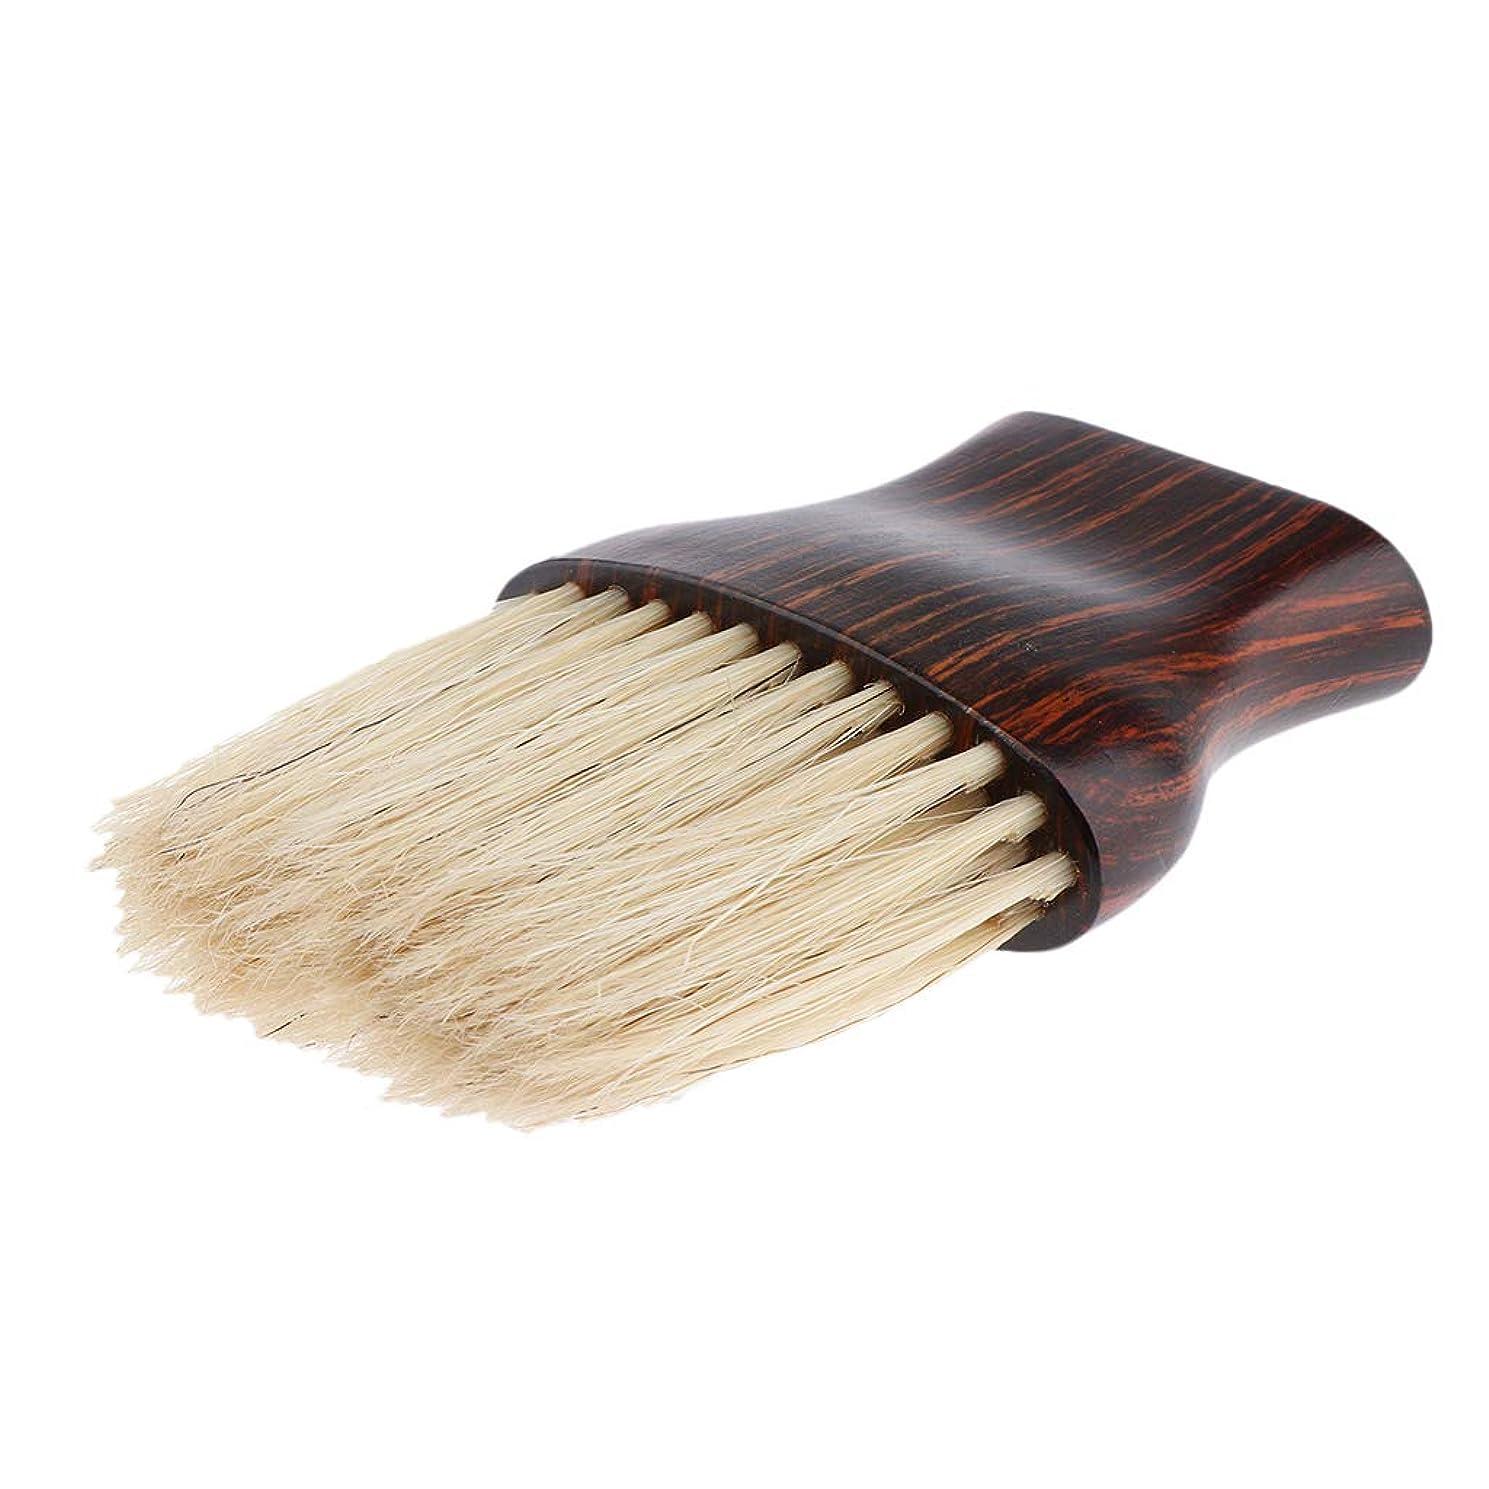 ペット農学止まるCUTICATE ヘアカットブラシ ネックダスタークリーニング ヘアブラシ 理髪師理髪ツール